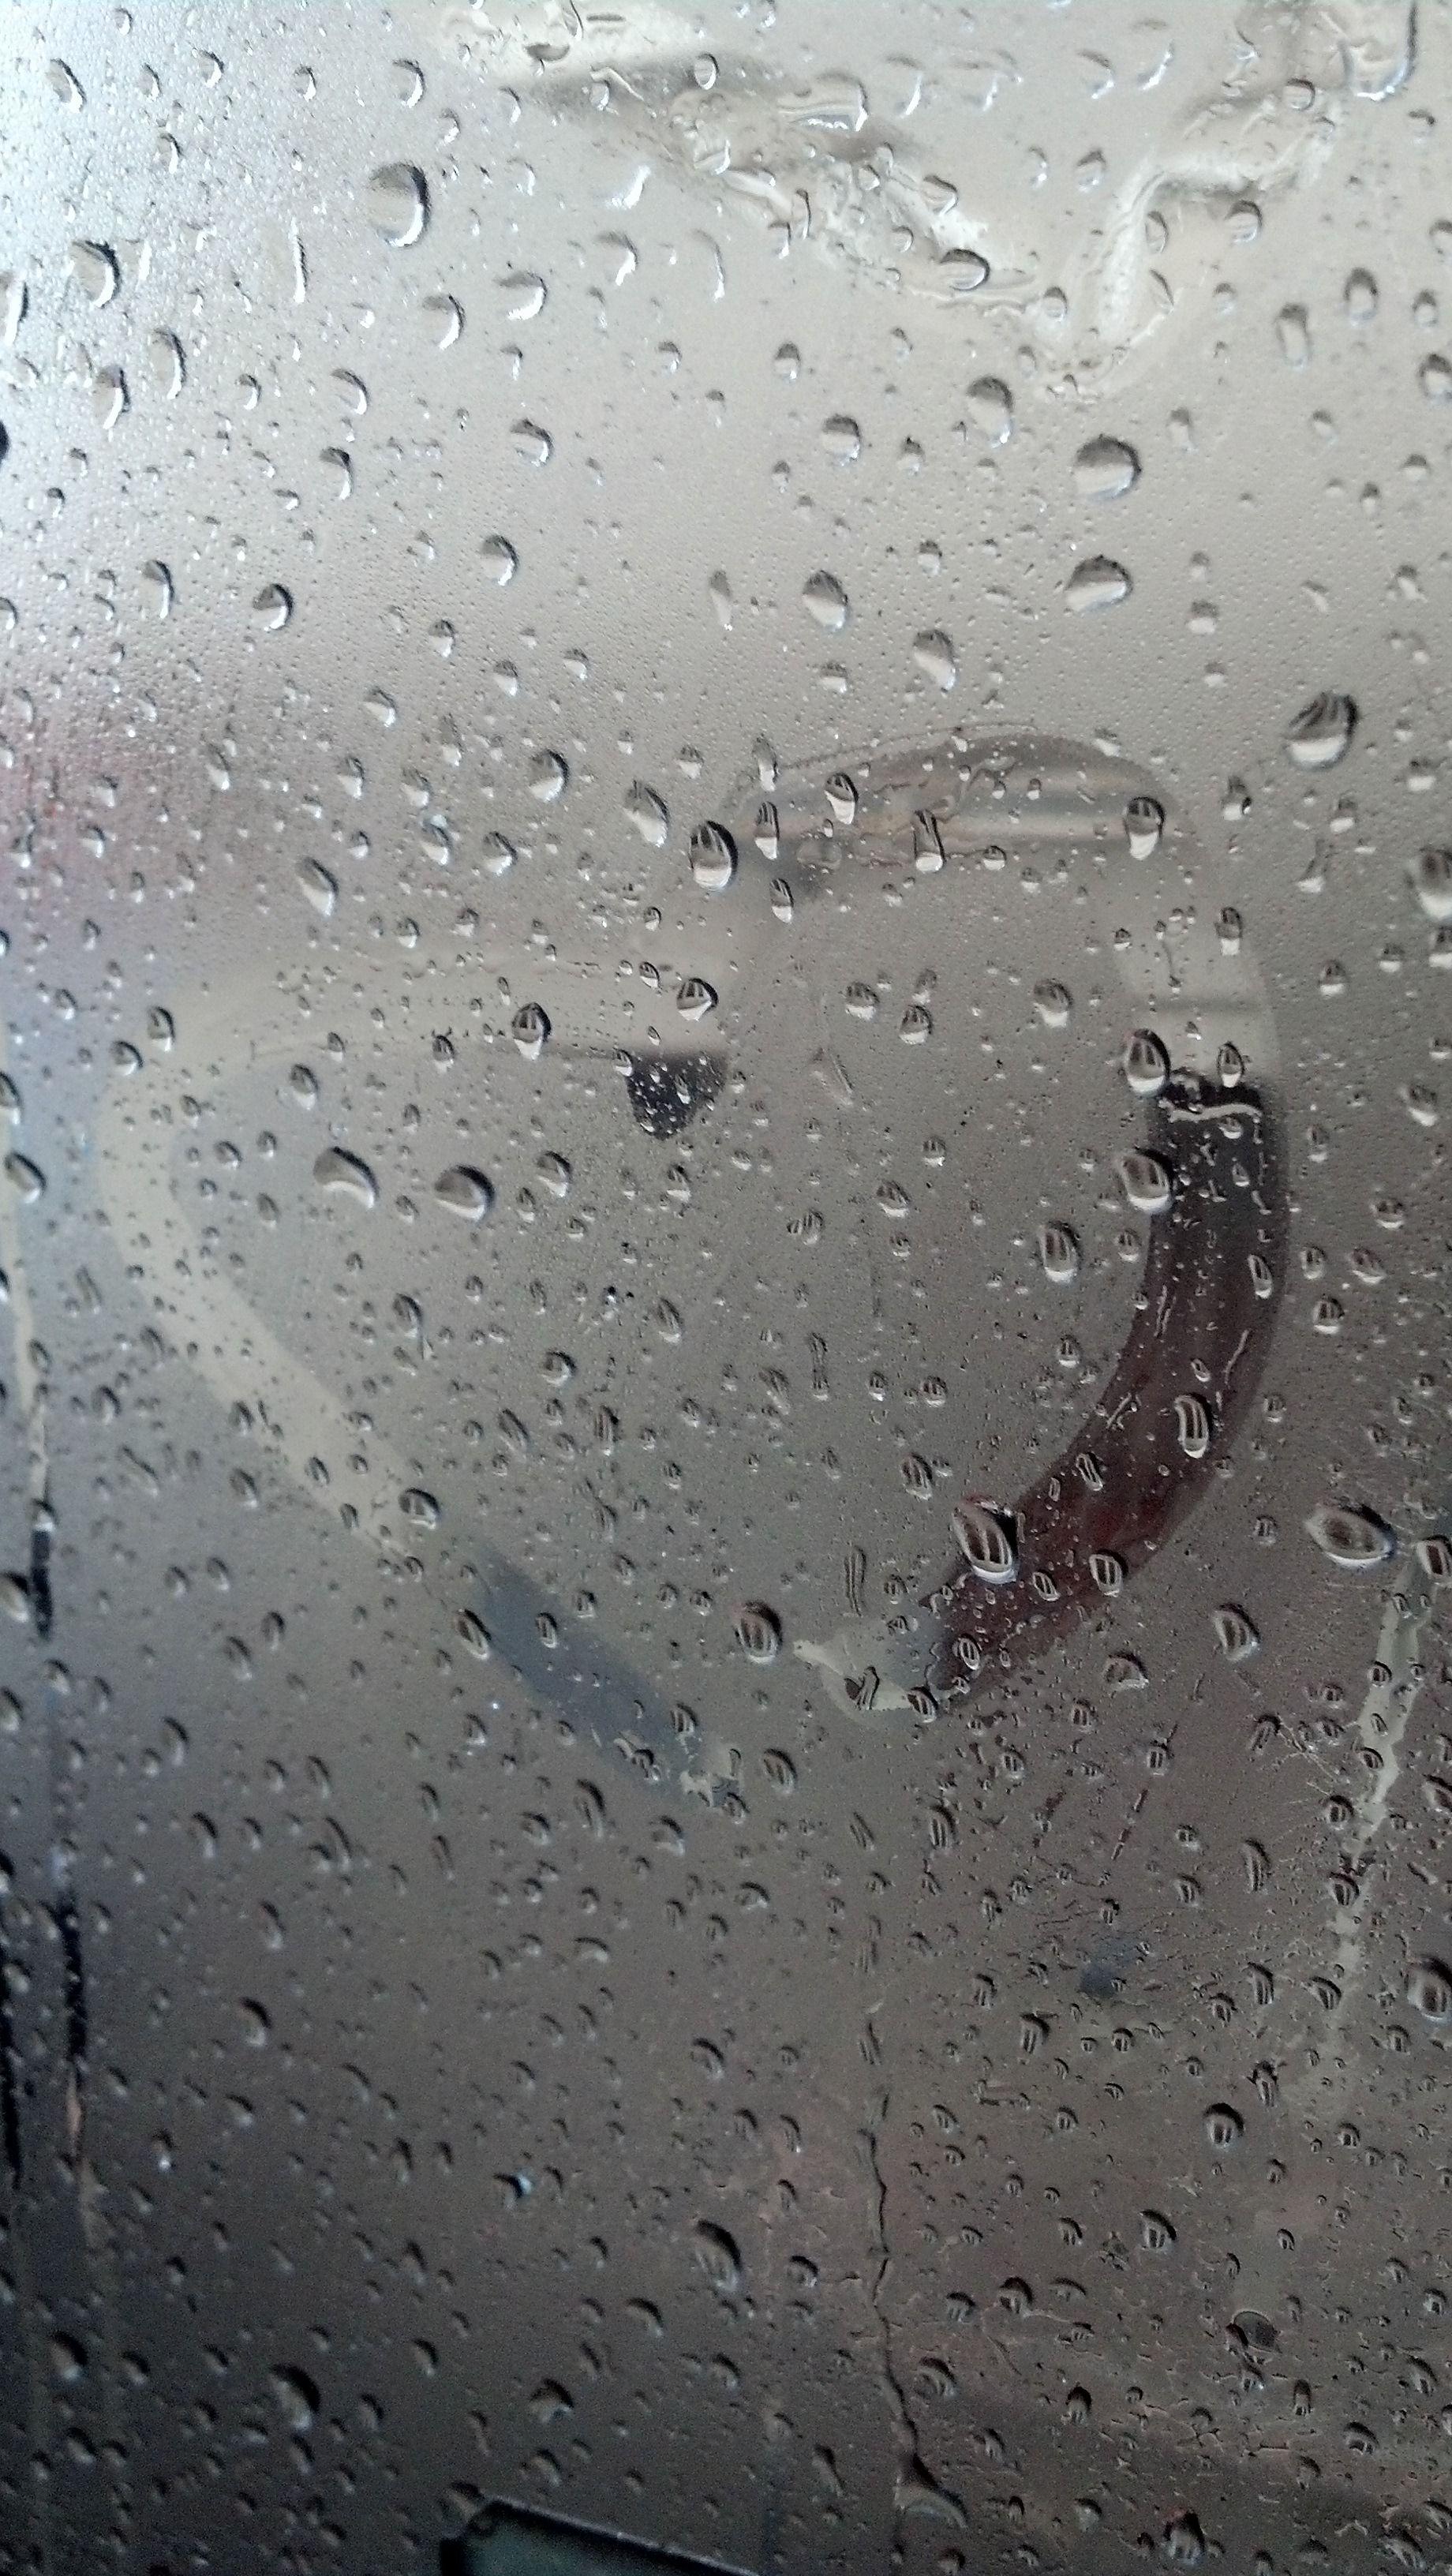 Chuva, muita chuva! Deus abençoe!